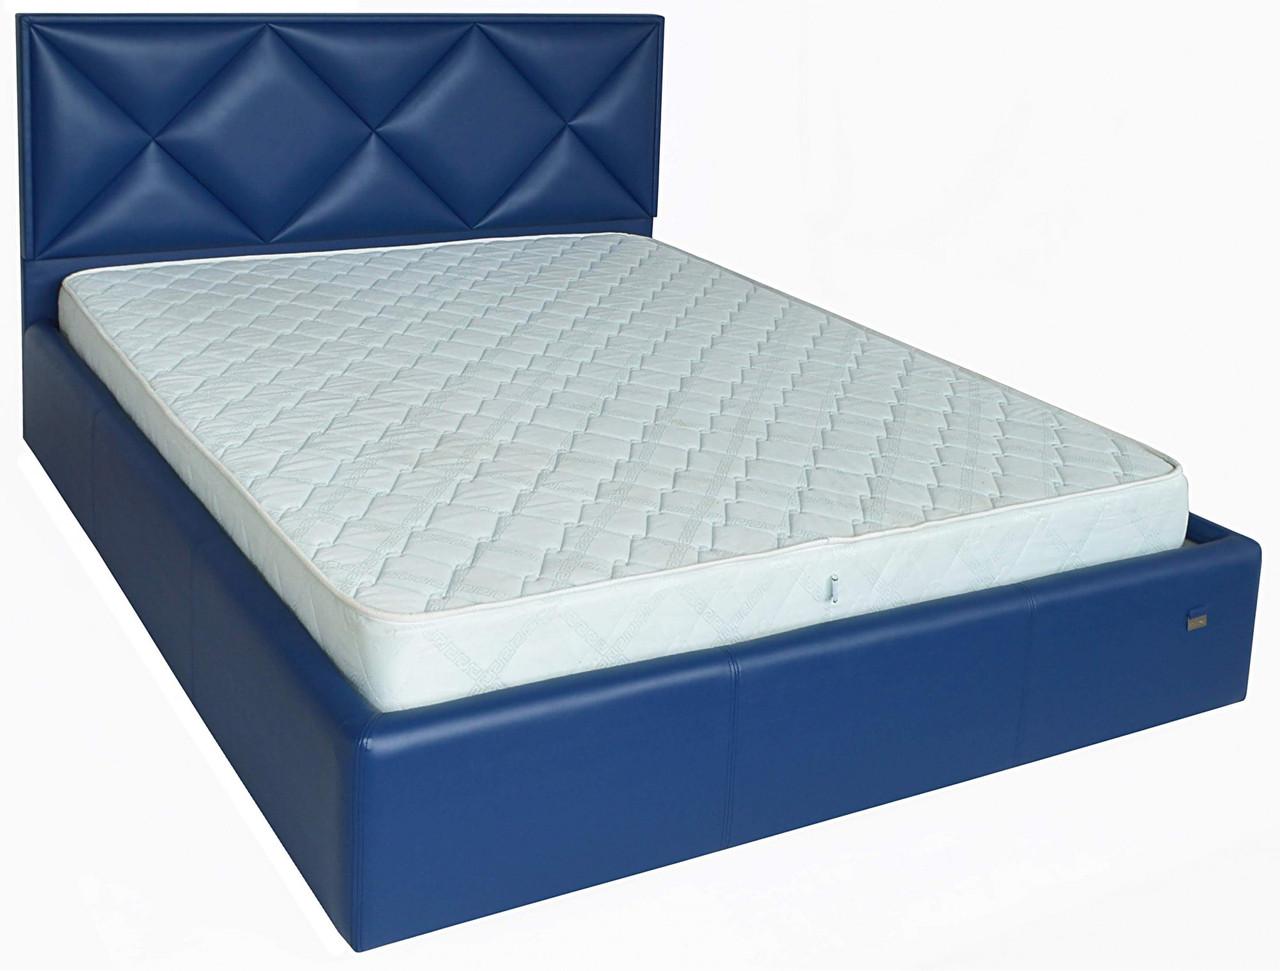 Кровать Двуспальная Richman Лидс 160 х 200 см Boom 21 Синяя